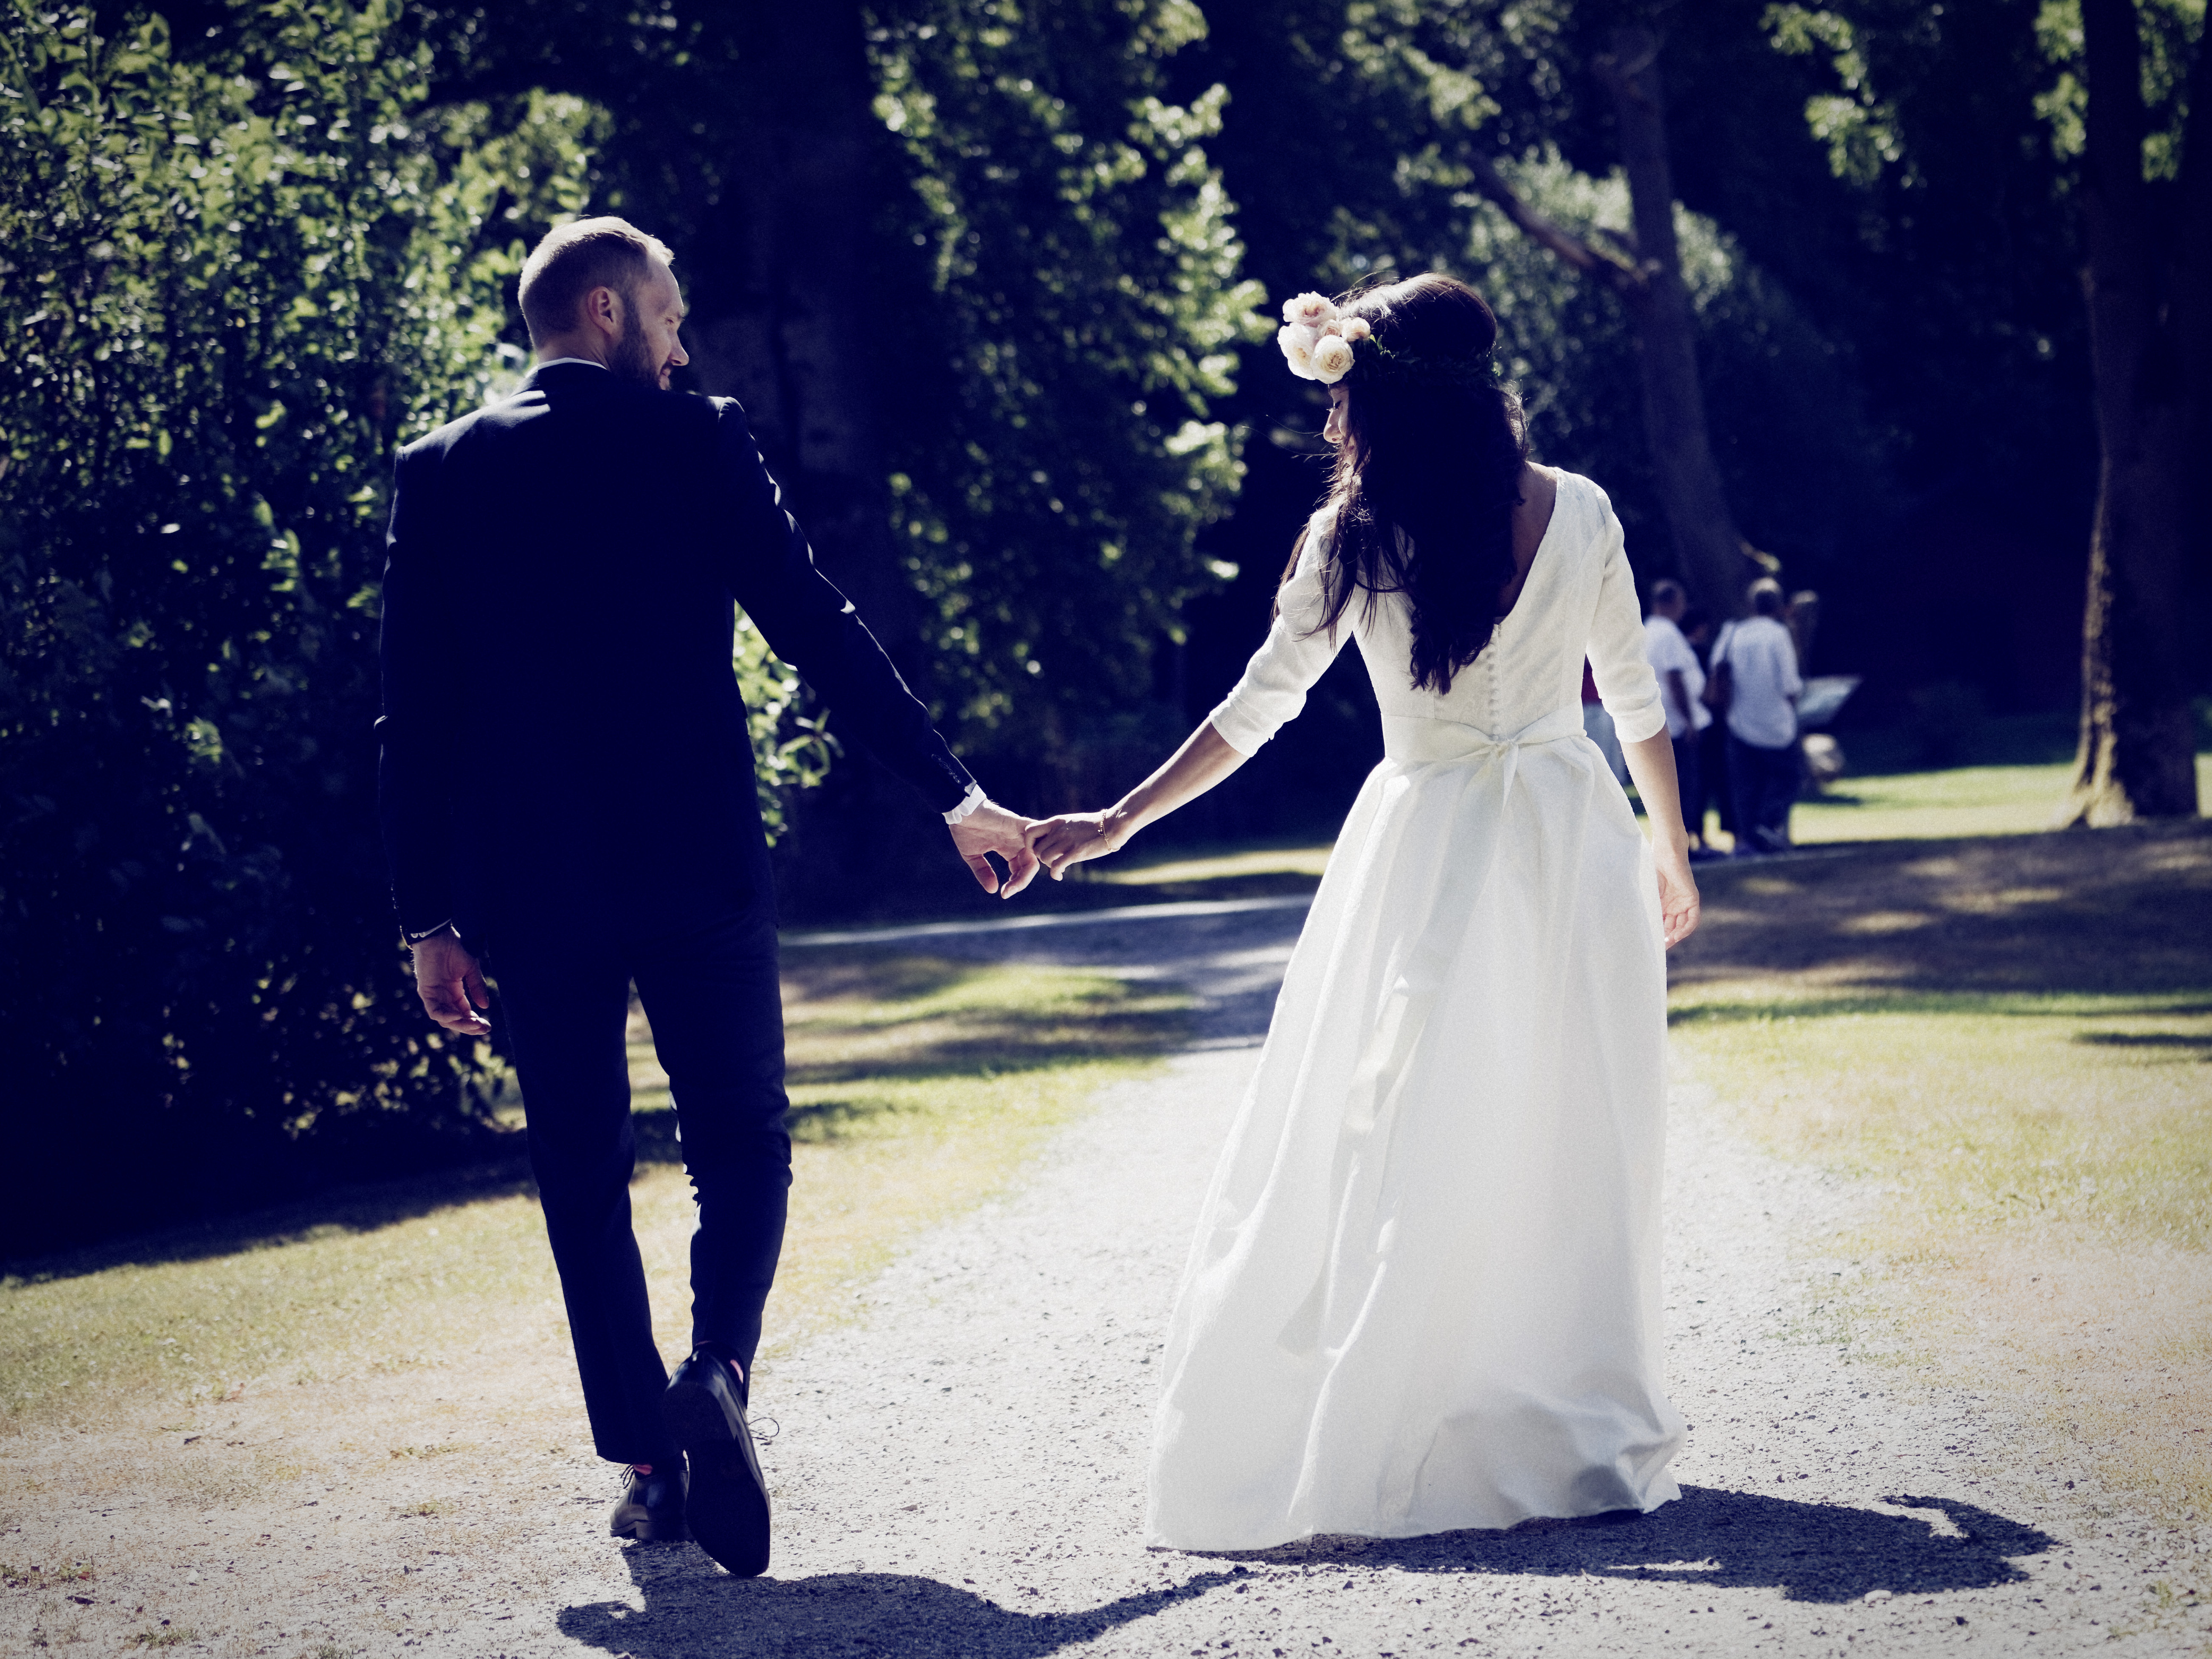 Bröllopsporträtt 17 - Mahdis & Tommy